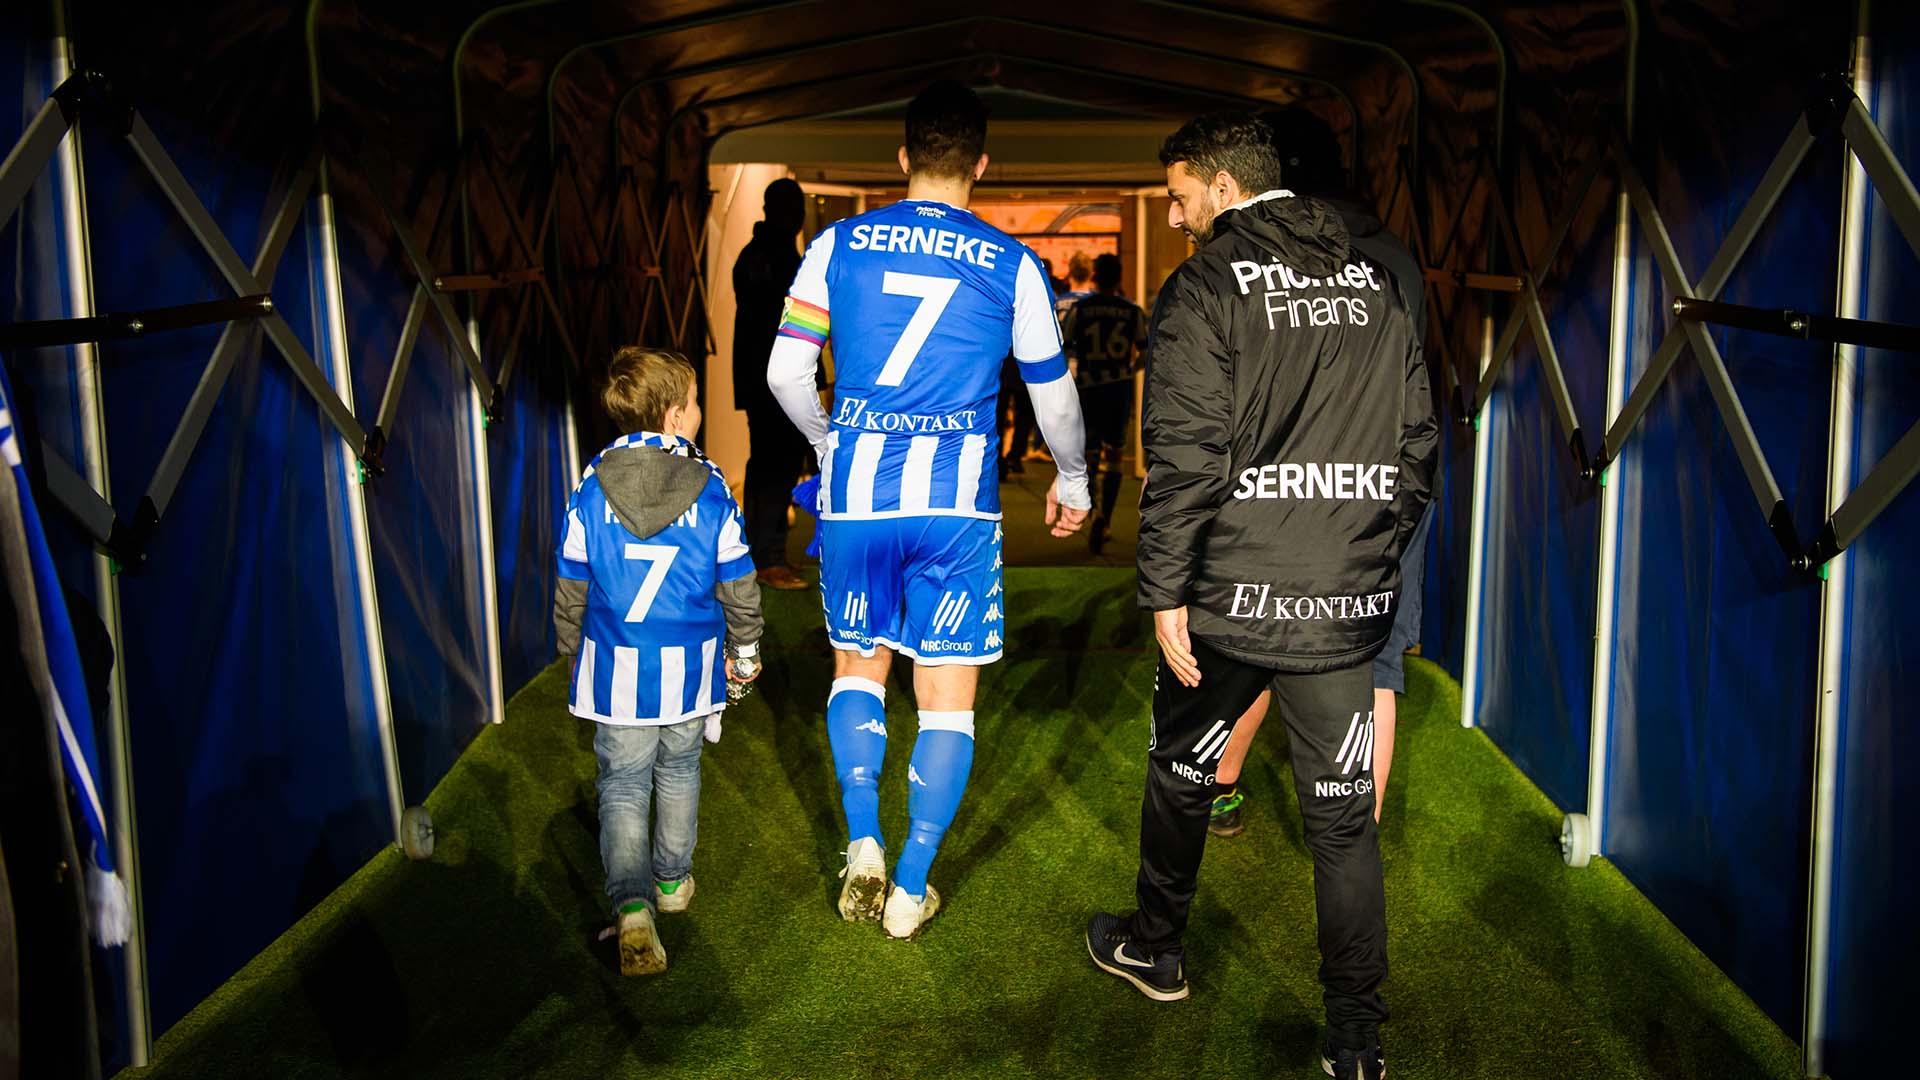 181104 IFK Göteborgs Tobias Hysén i spelartunneln efter fotbollsmatchen i Allsvenskan mellan IFK Göteborg och Malmö FF den 4 november 2018 i Göteborg. Foto: Carl Sandin / BILDBYRÅN / kod CS / 57999_407